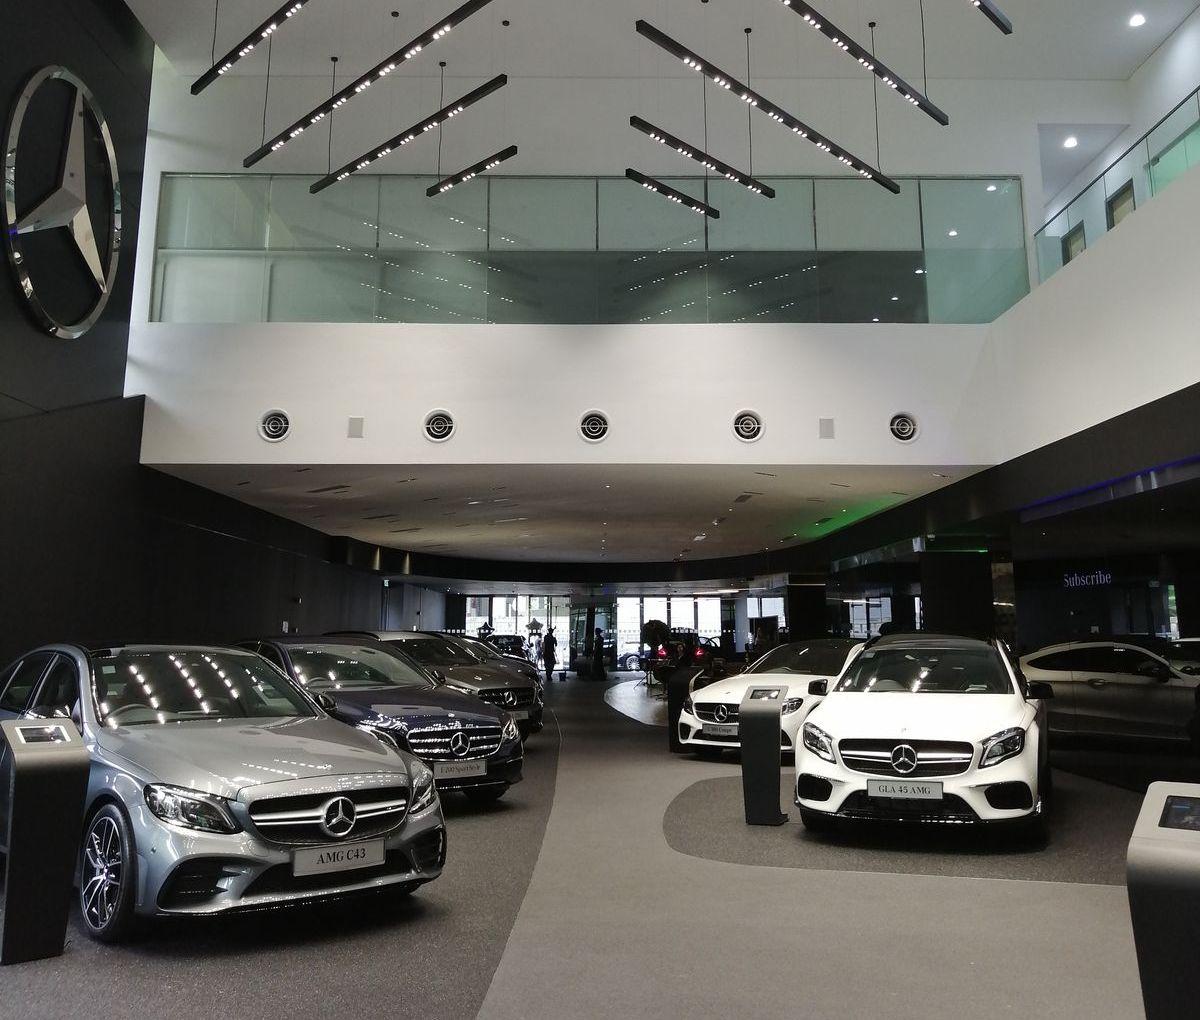 Mercedes-Benz schnitt im Test nicht gut ab.